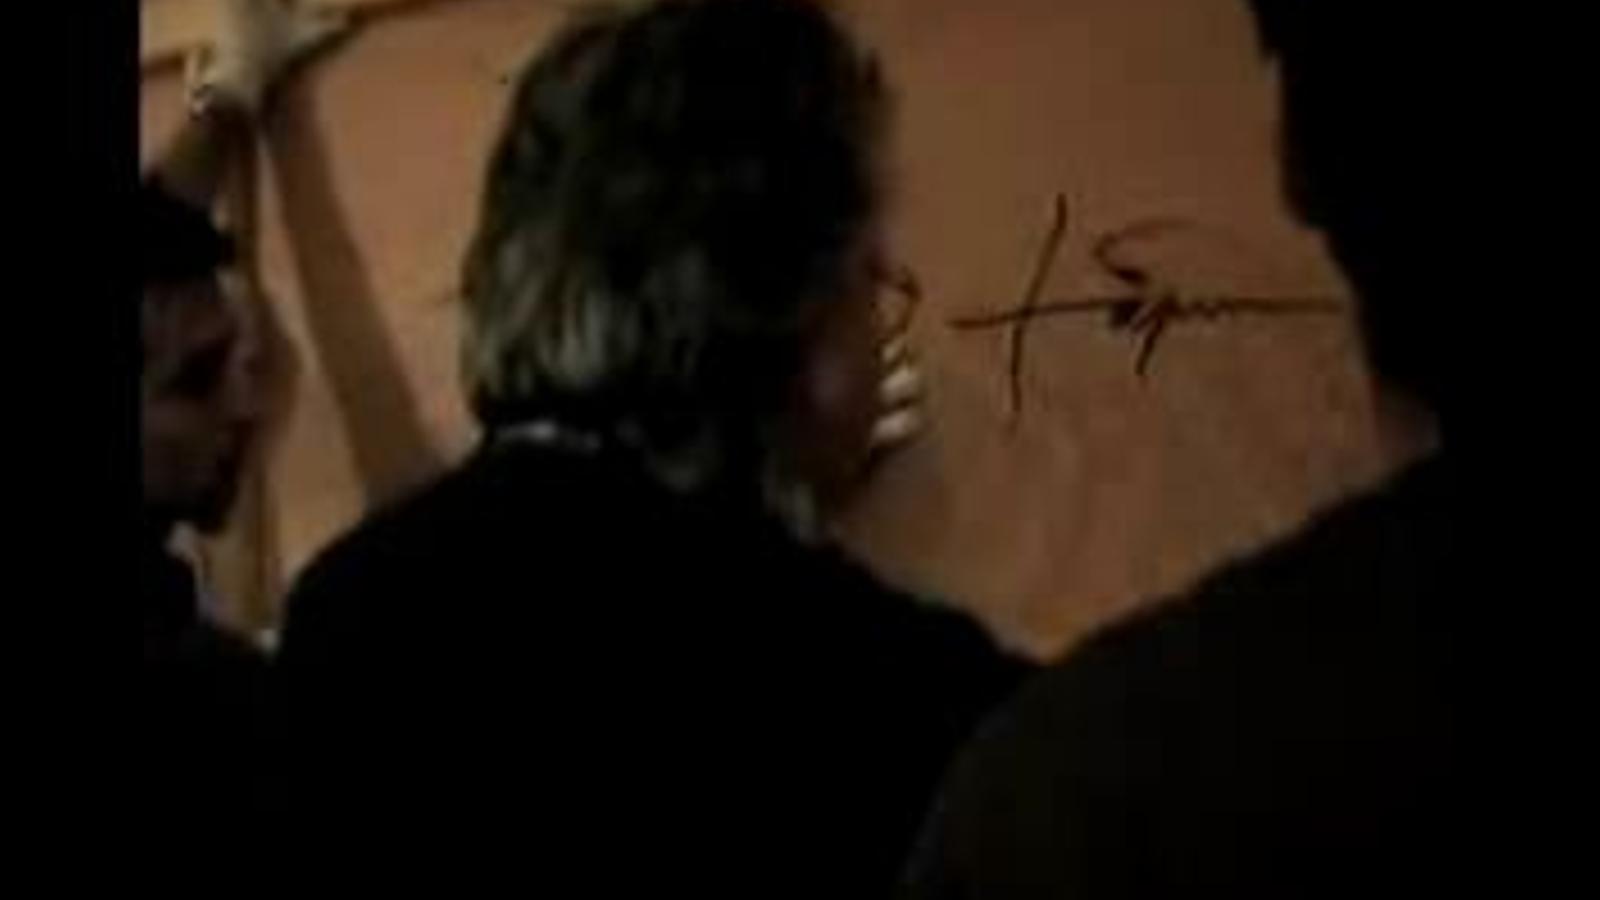 Antoni Tàpies: L'art ha de tenir una funció social, pel bé de la humanitat